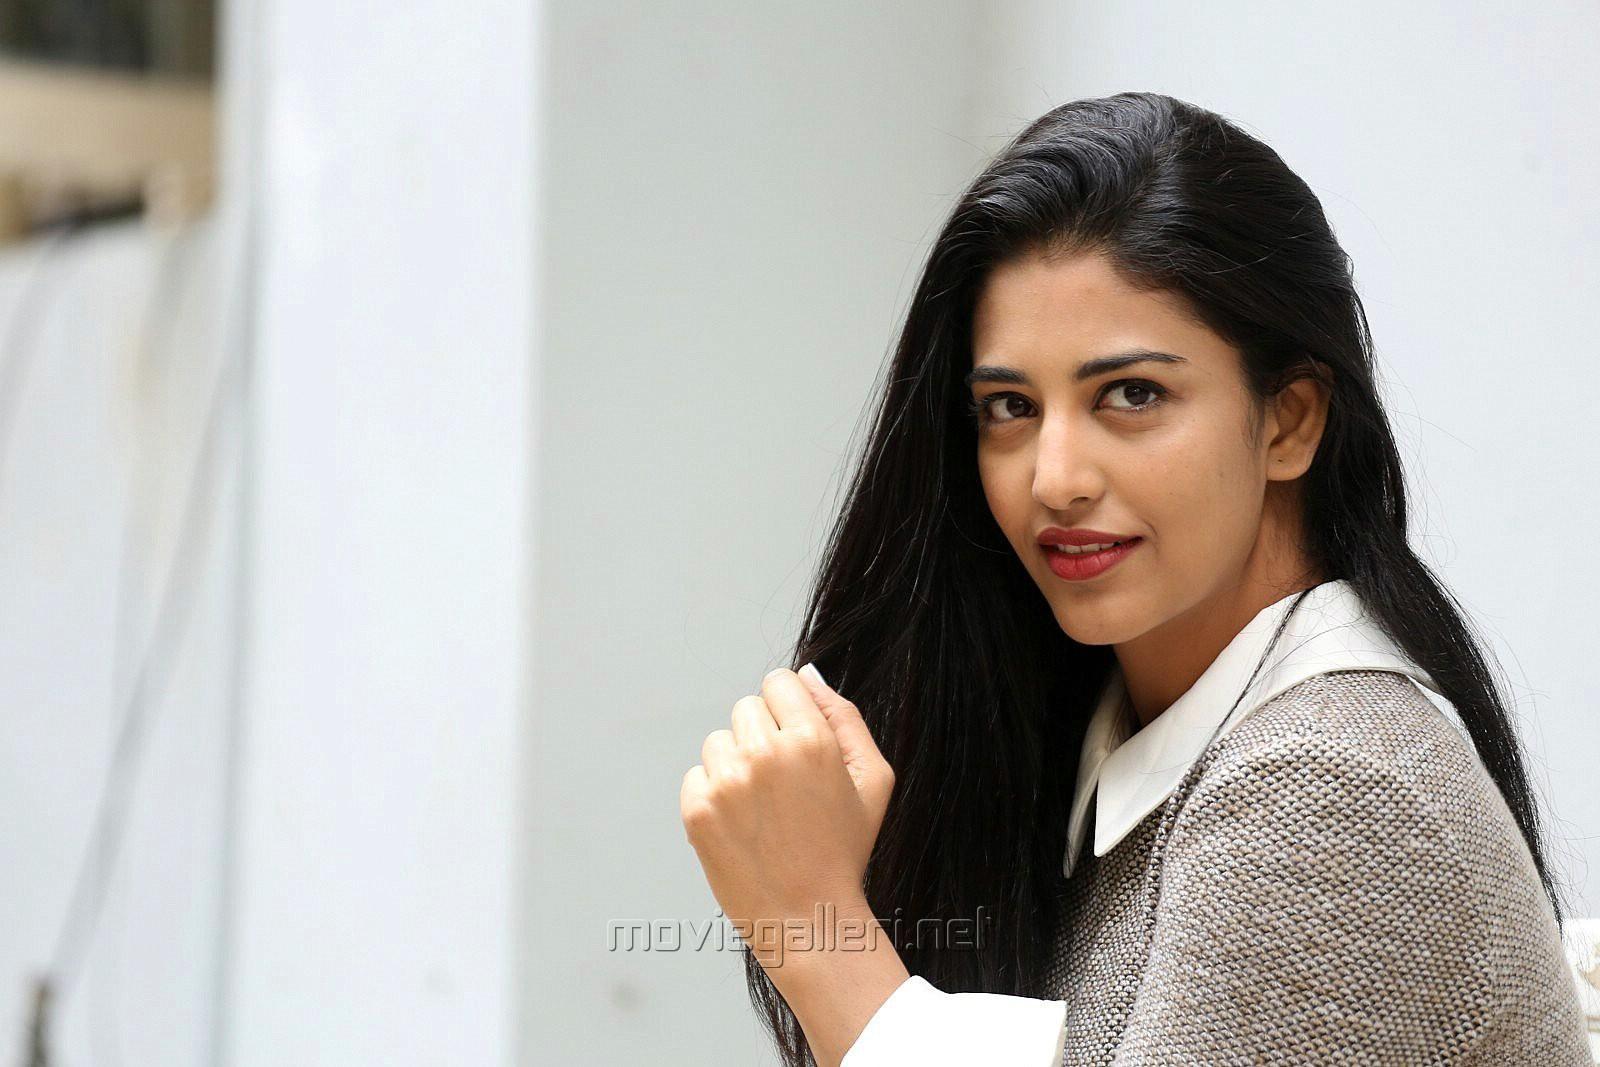 Husharu Heroine Daksha Nagarkar Hot Photos in Long Sleeve Knit 1600x1067